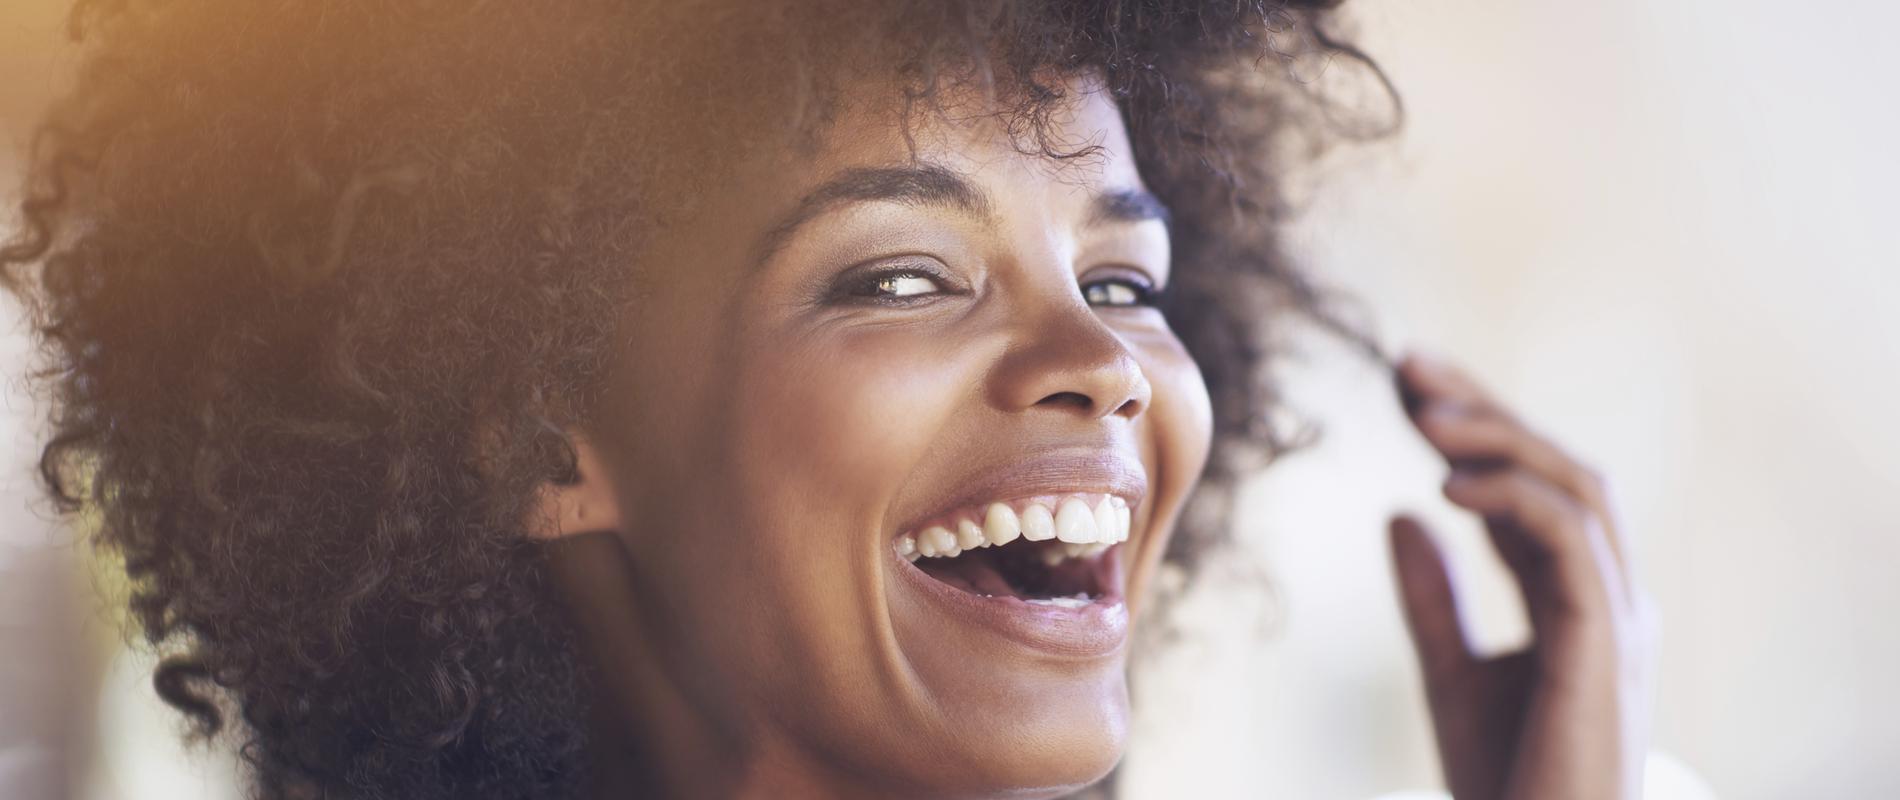 """增加幸福感有窍门 四点建议助你收获""""小确幸"""""""